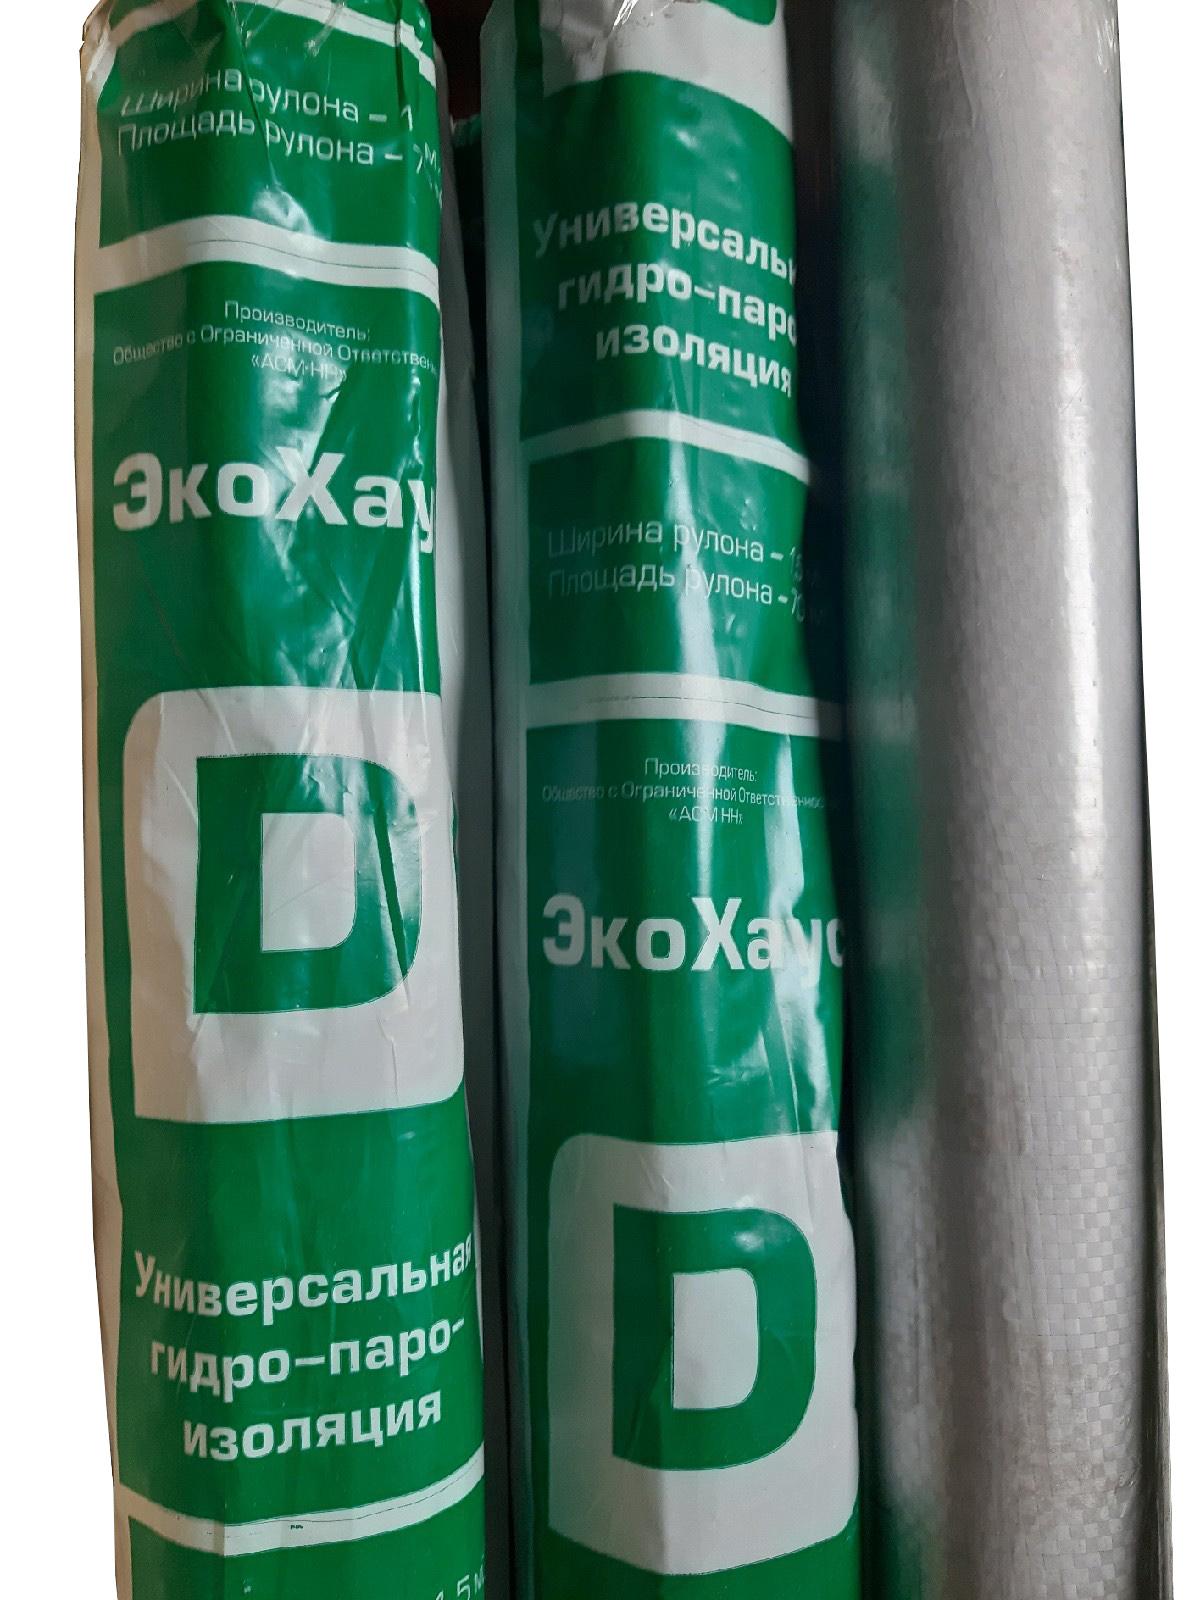 Экохаус D (гидро-пароизоляция) 1,5м 35м2 - фото